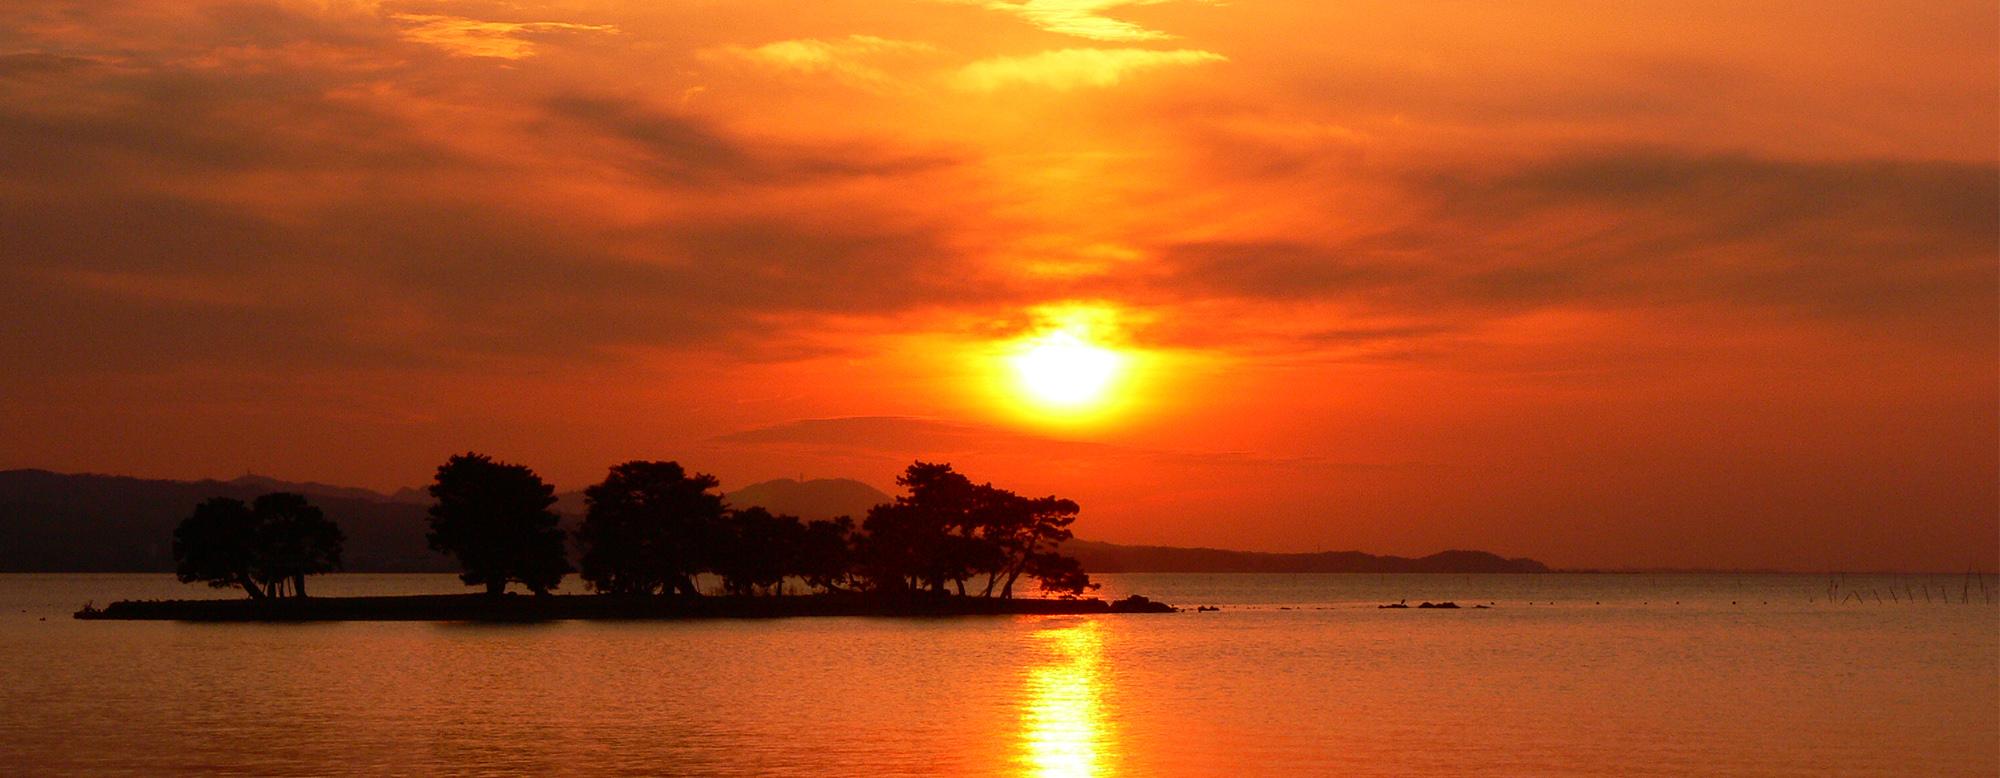 定番から穴場まで!宍道湖の夕日鑑賞スポットガイド